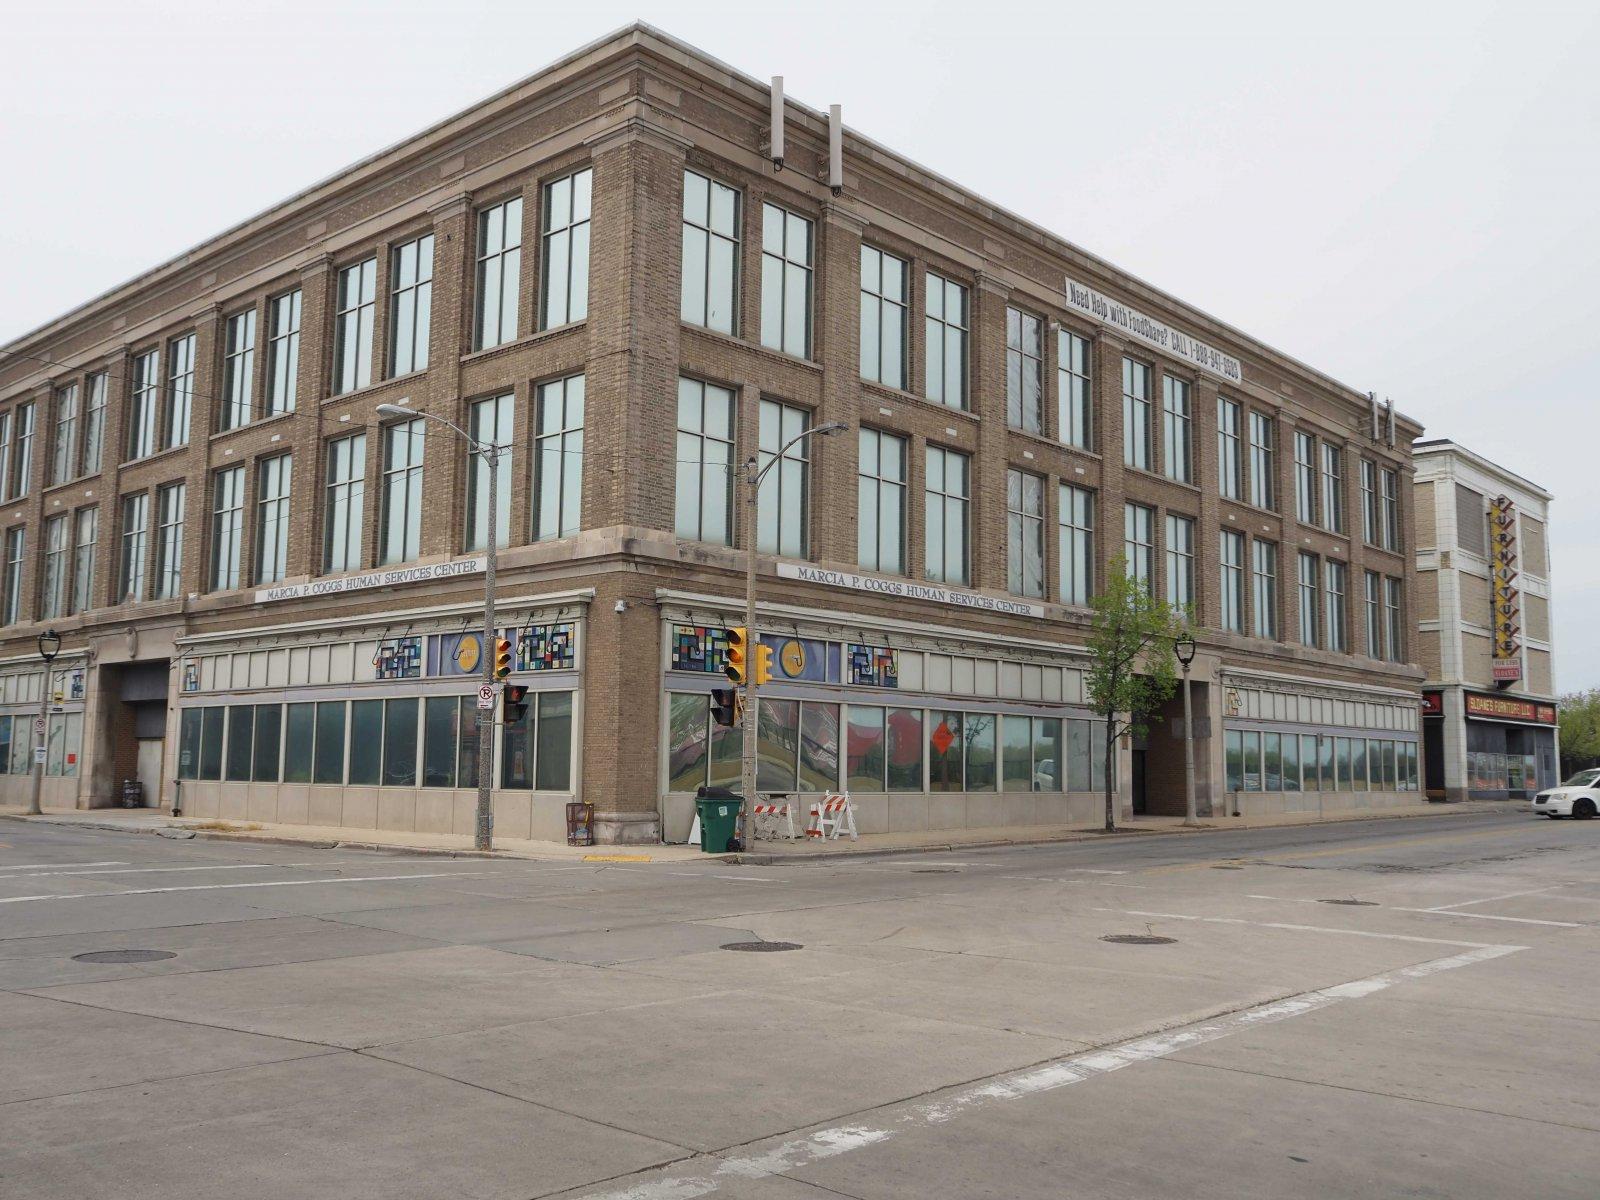 Marcia P. Coggs Human Services Center, 1220 W. Vliet St.